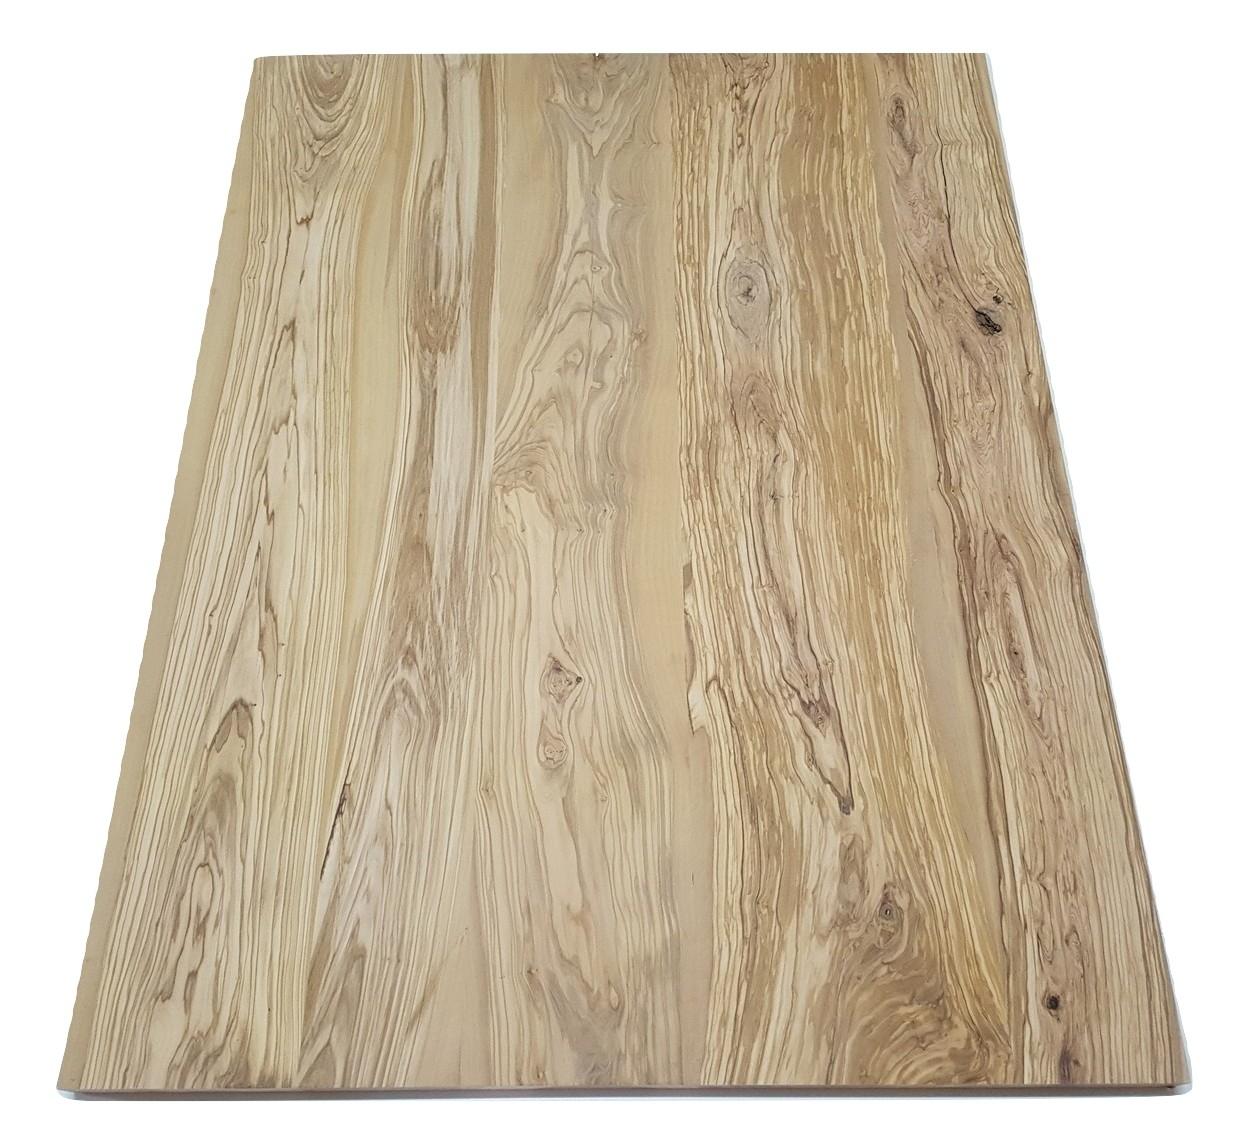 Piano tavolo in legno di Ulivo : Piano Tavolo In Legno di Ulivo ...